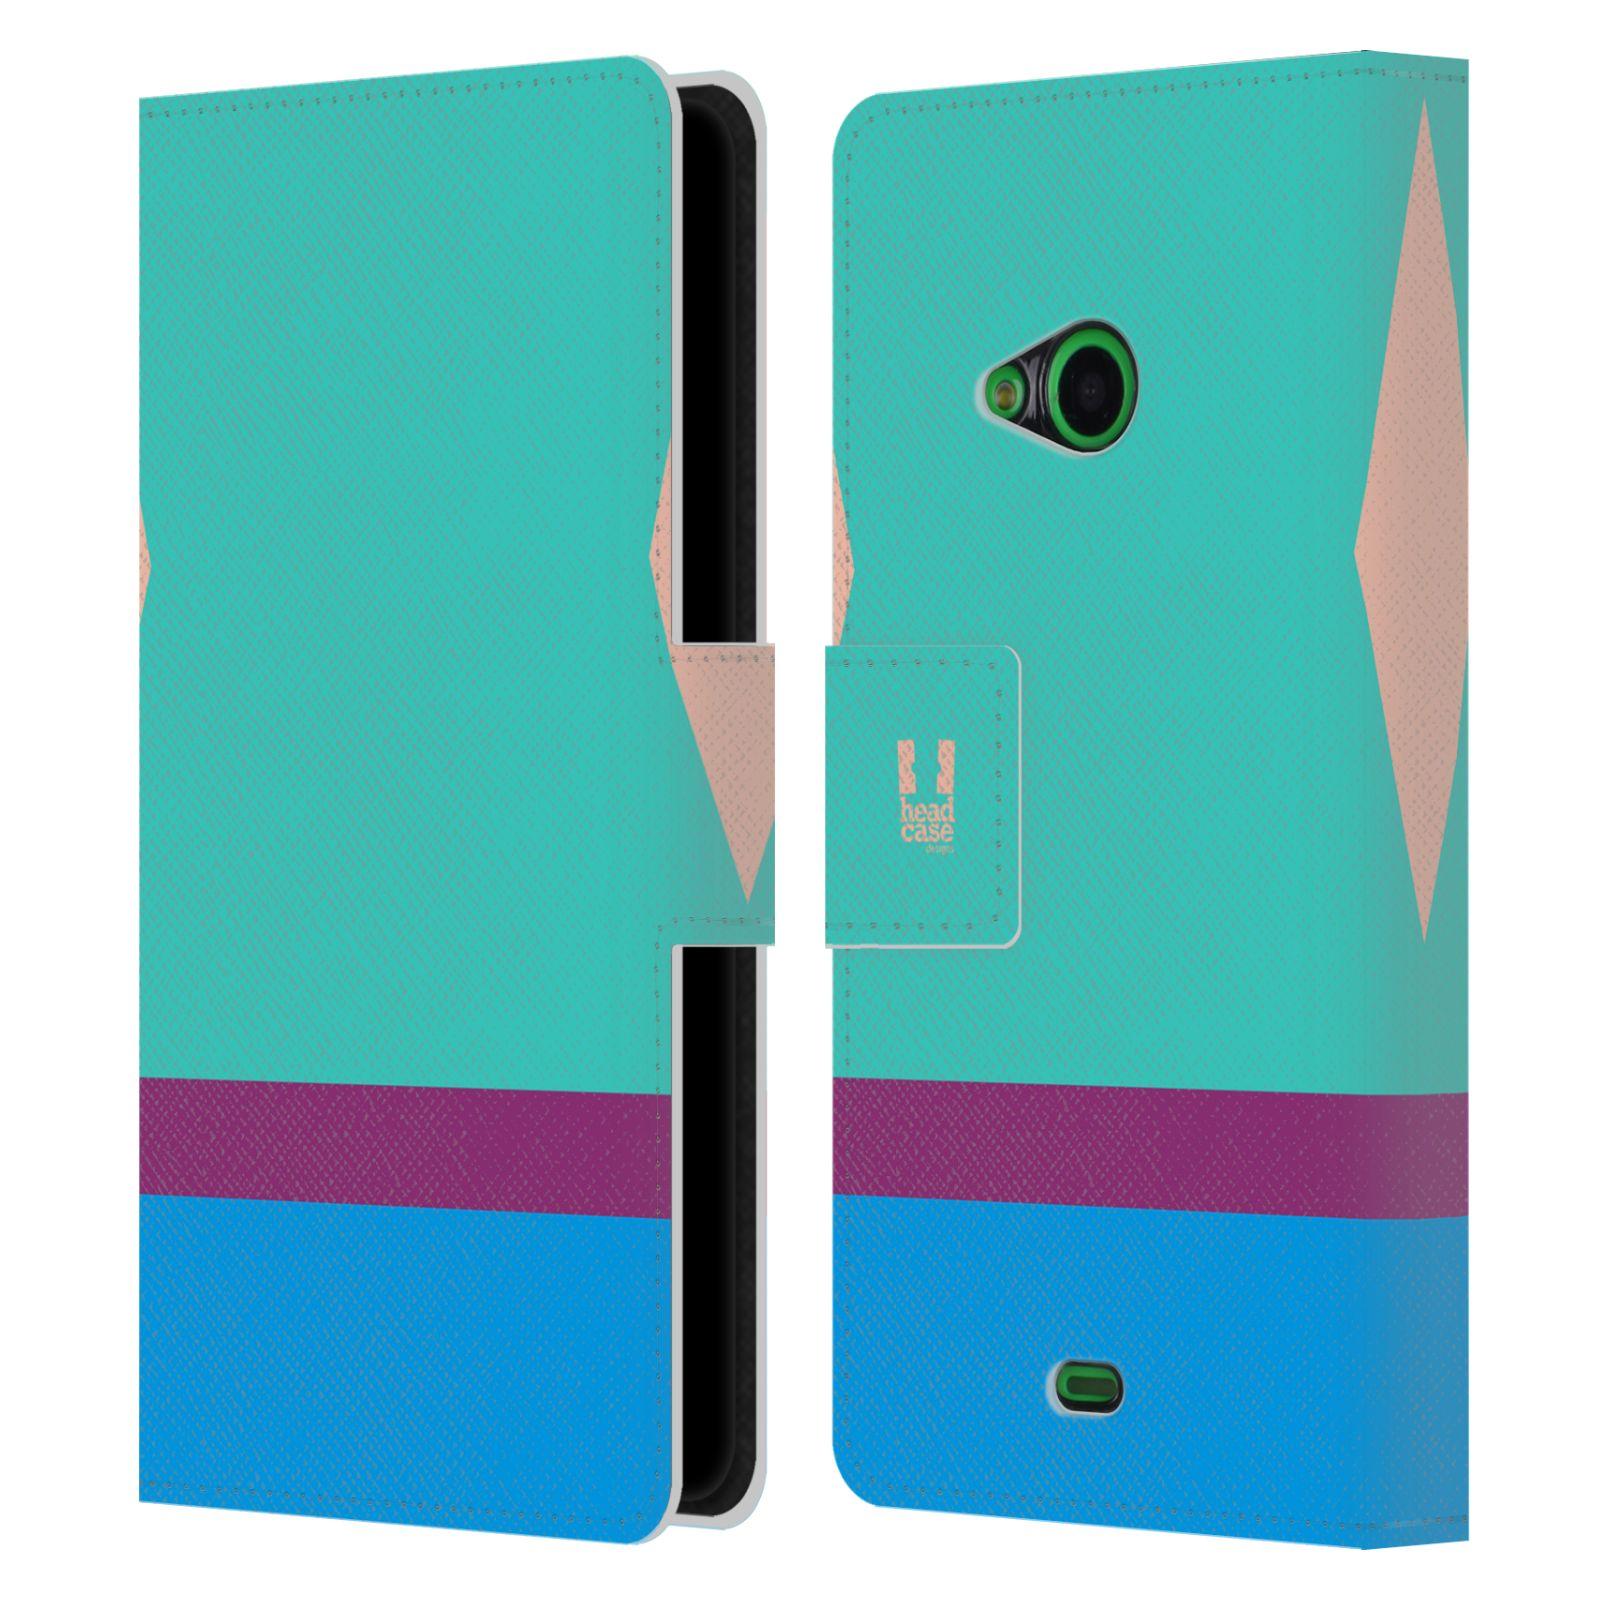 HEAD CASE Flipové pouzdro pro mobil Nokia LUMIA 535 barevné tvary modrá a fialový pruh